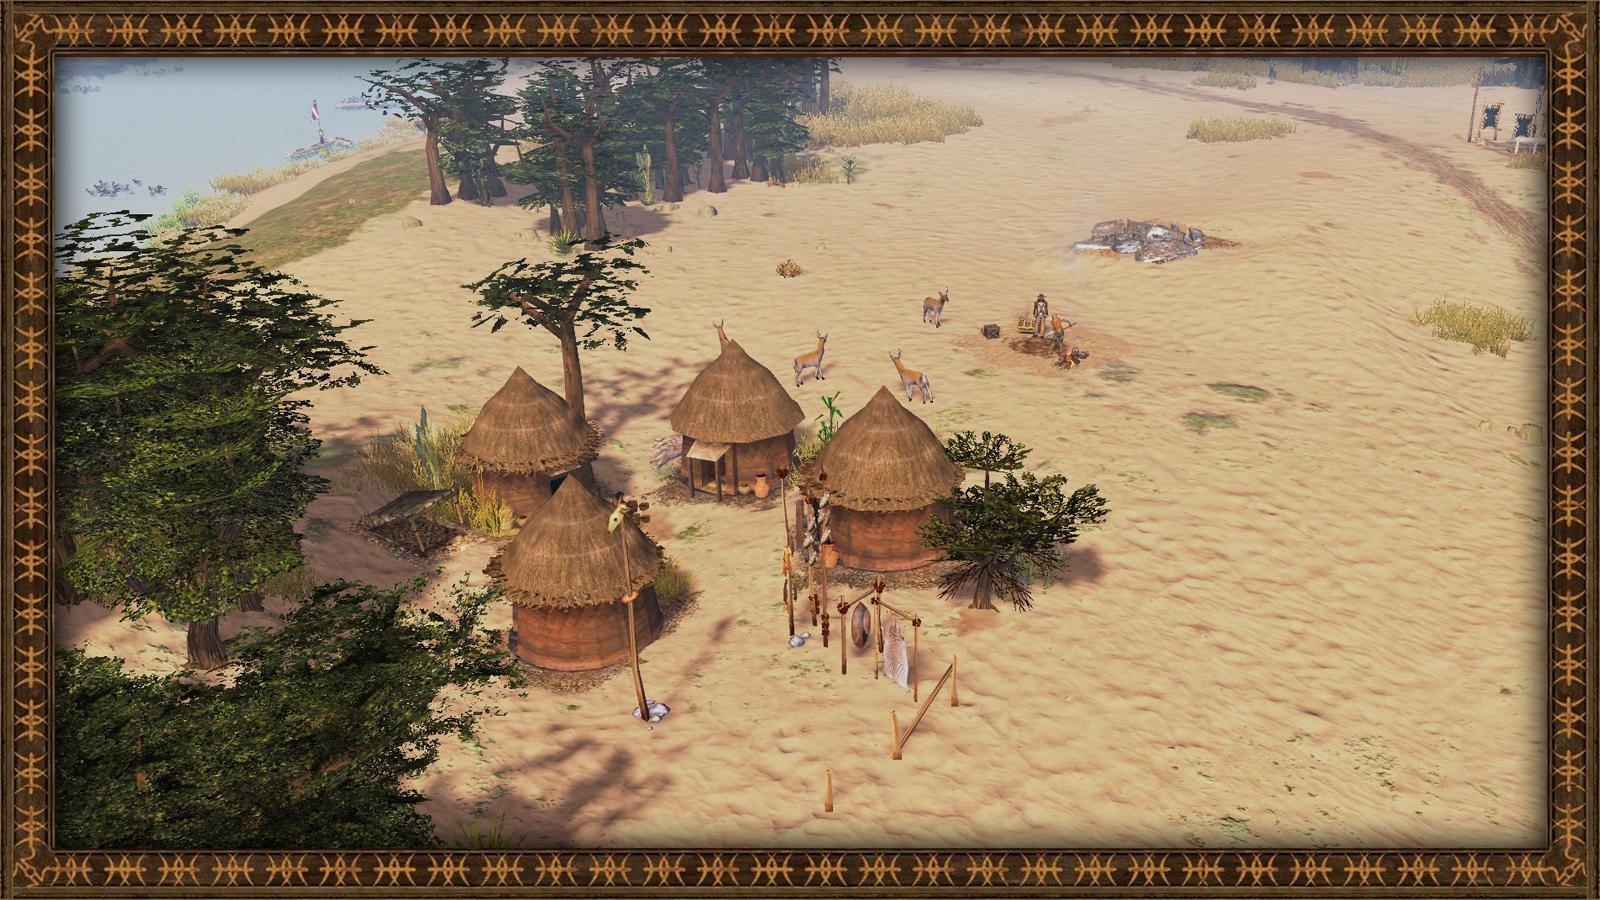 Bantu village